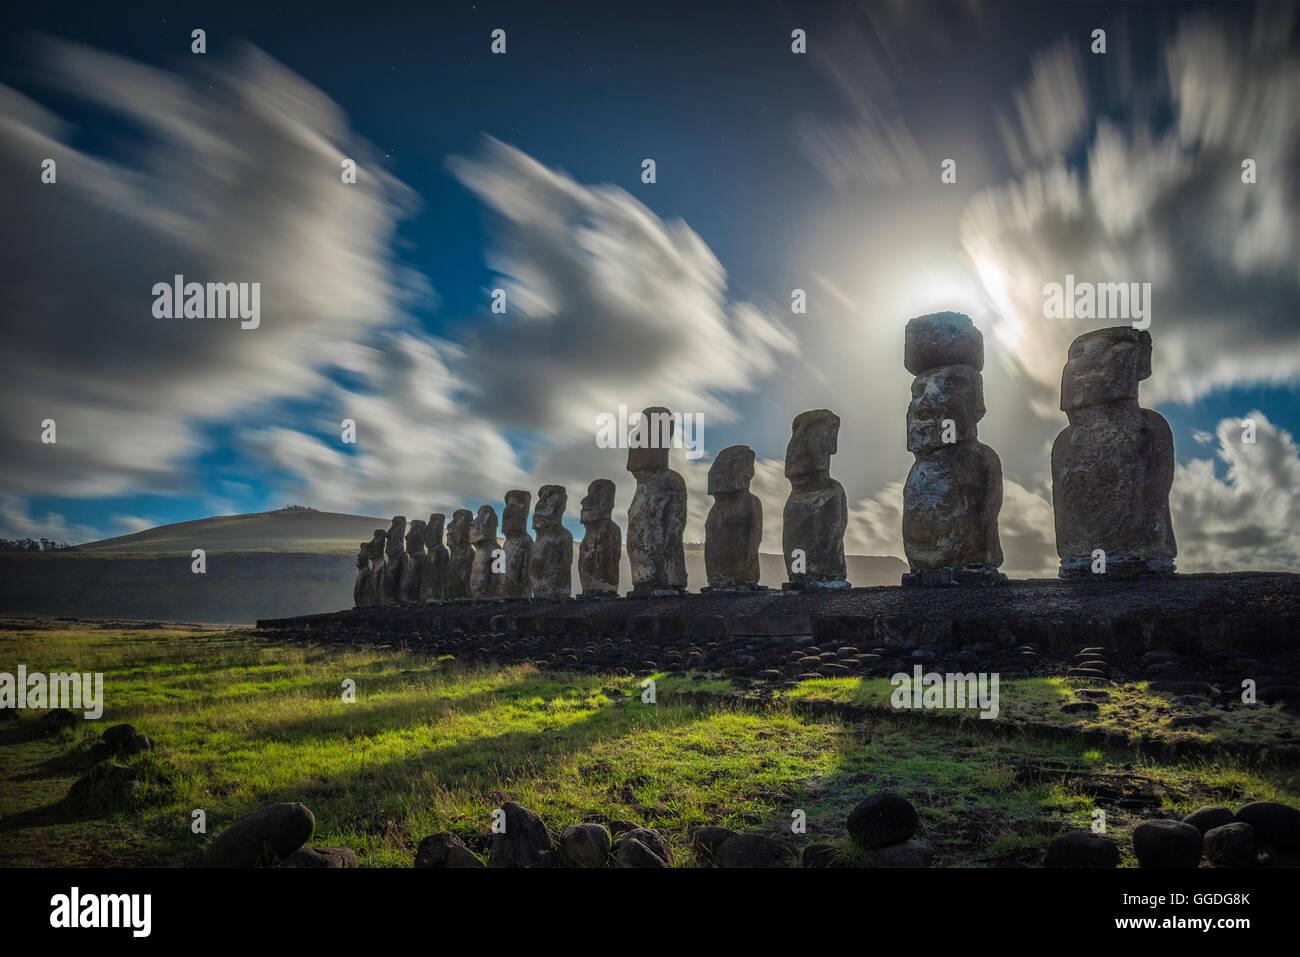 América del Sur; Chile; Isla de Pascua; Rapa Nui; Pacífico Sur; la UNESCO, Patrimonio de la Humanidad Imagen De Stock